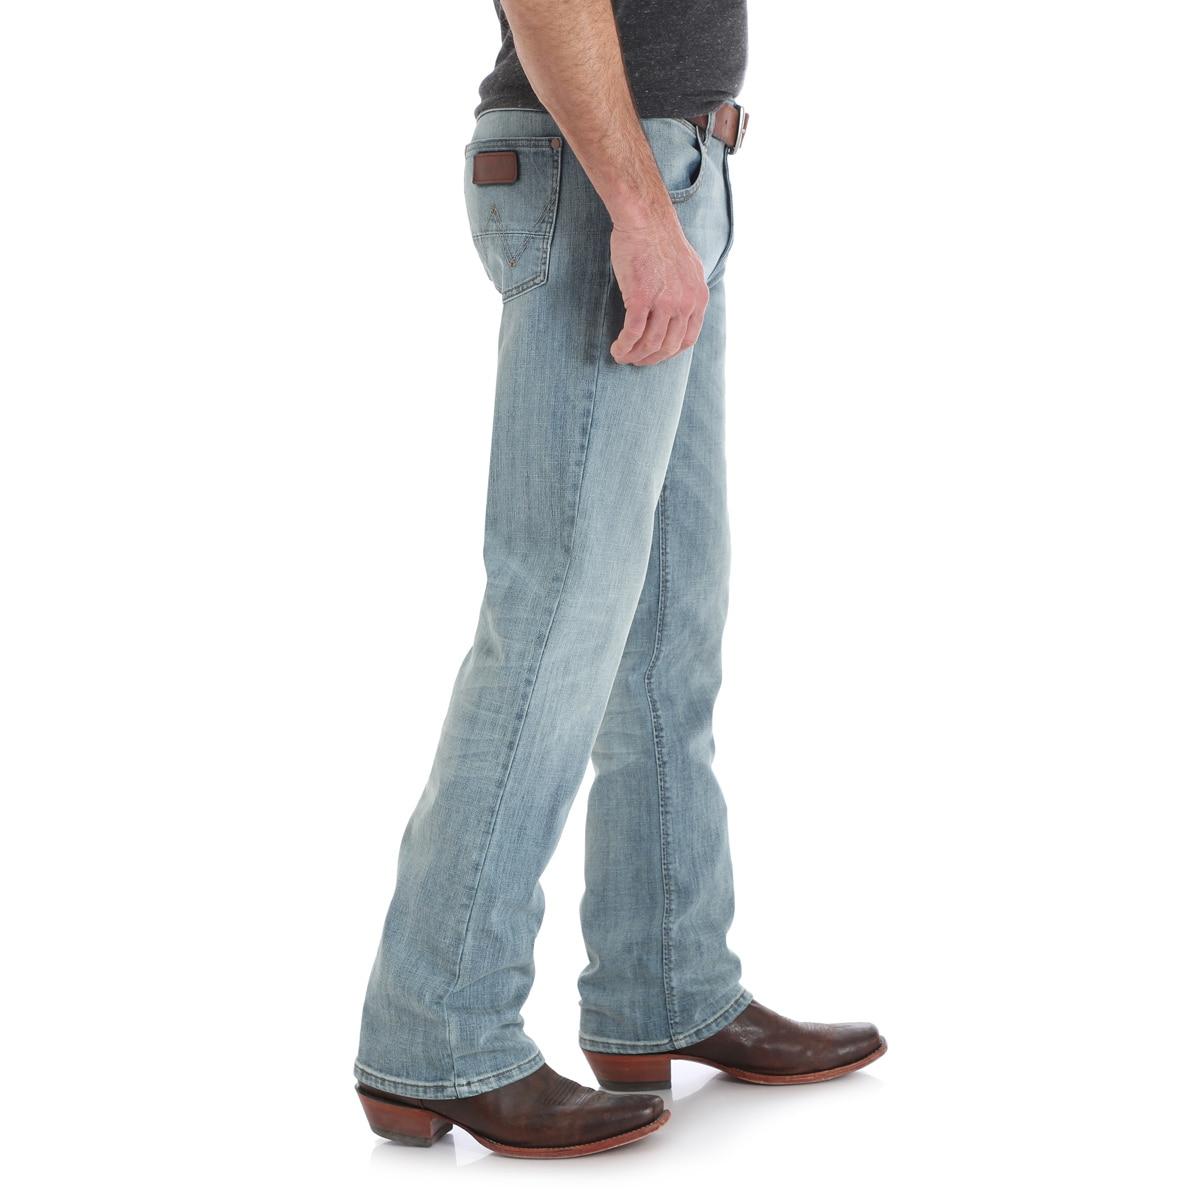 43d2e646c59 Wrangler Men s Retro® Slim Fit Bootcut Jeans - BR Wash